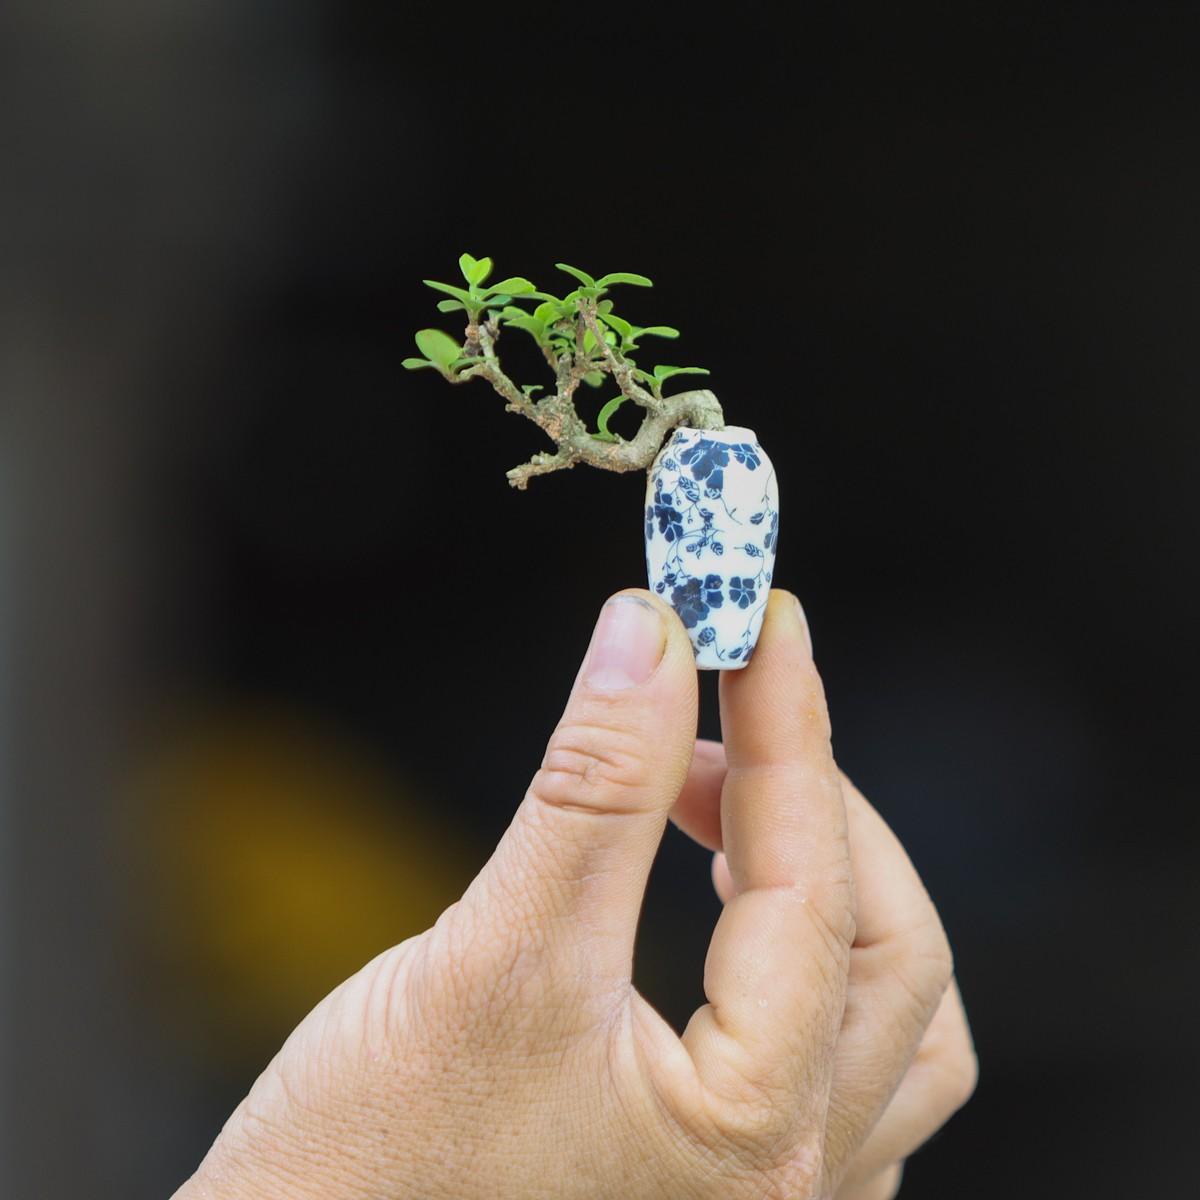 Chiem nguong 2 vuon bonsai doc dao xac lap ky luc o Viet Nam-Hinh-8